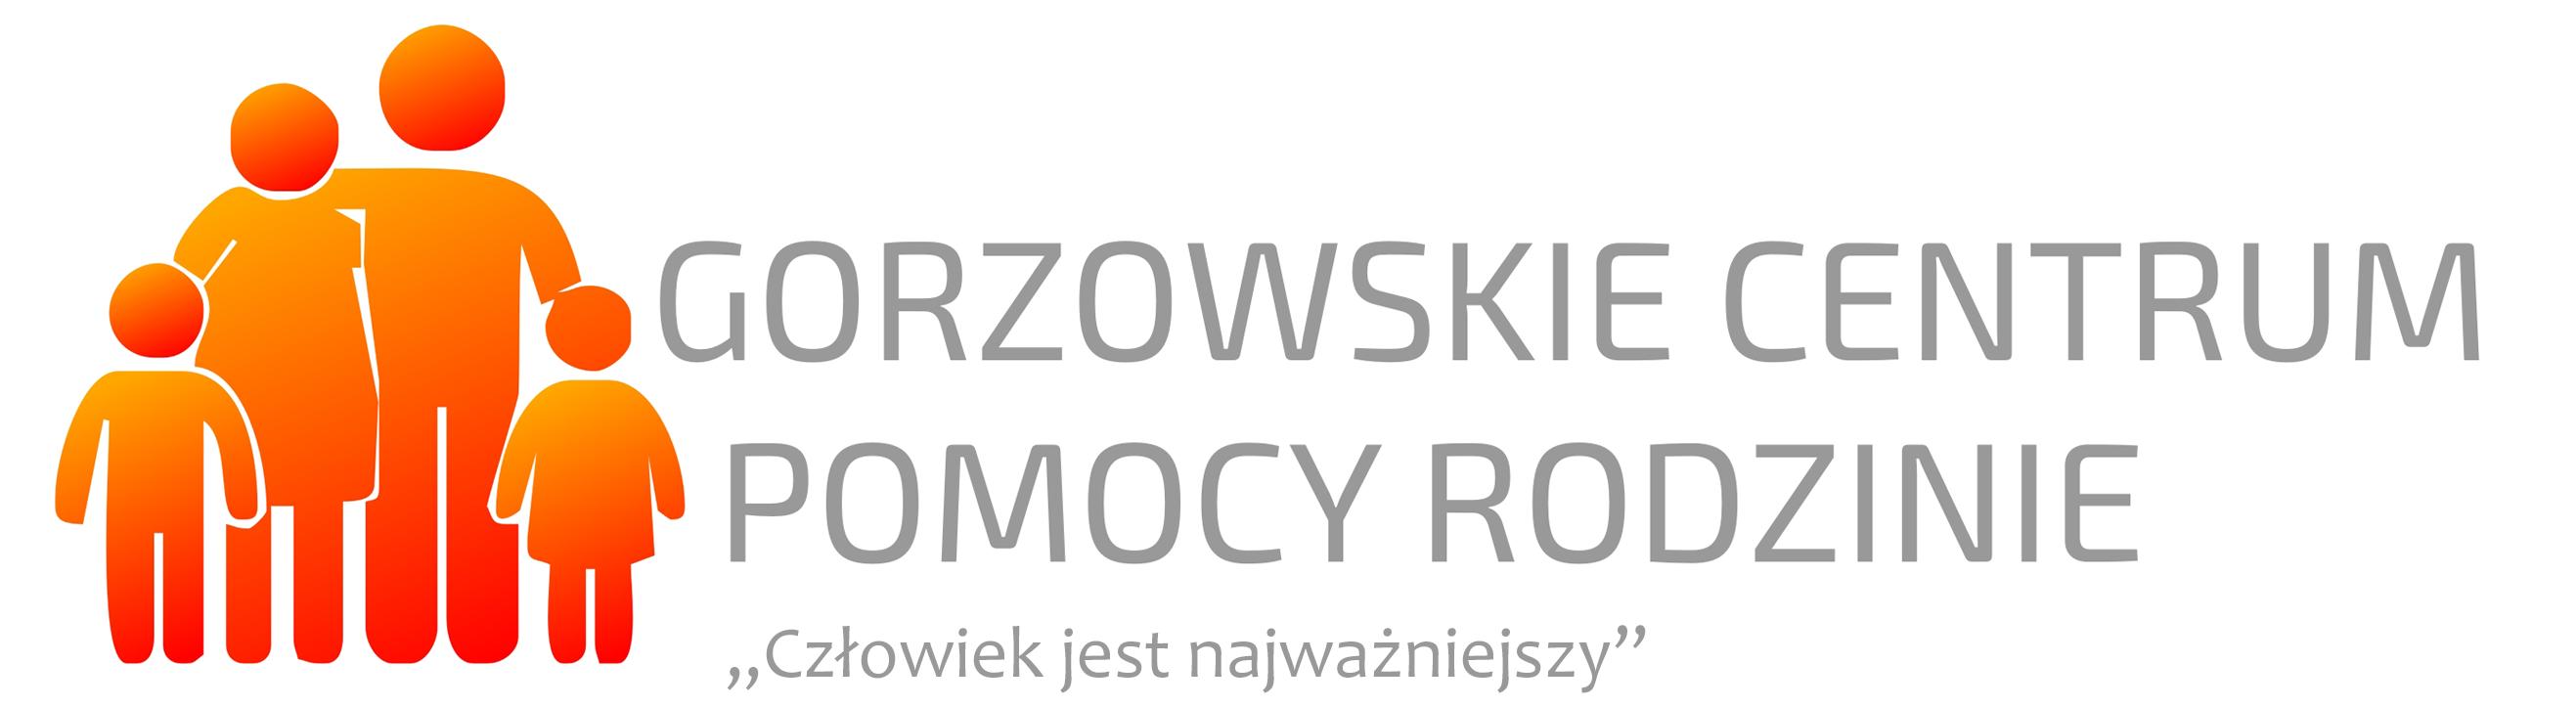 Gorzowskie Centrum Pomocy Rodzinie